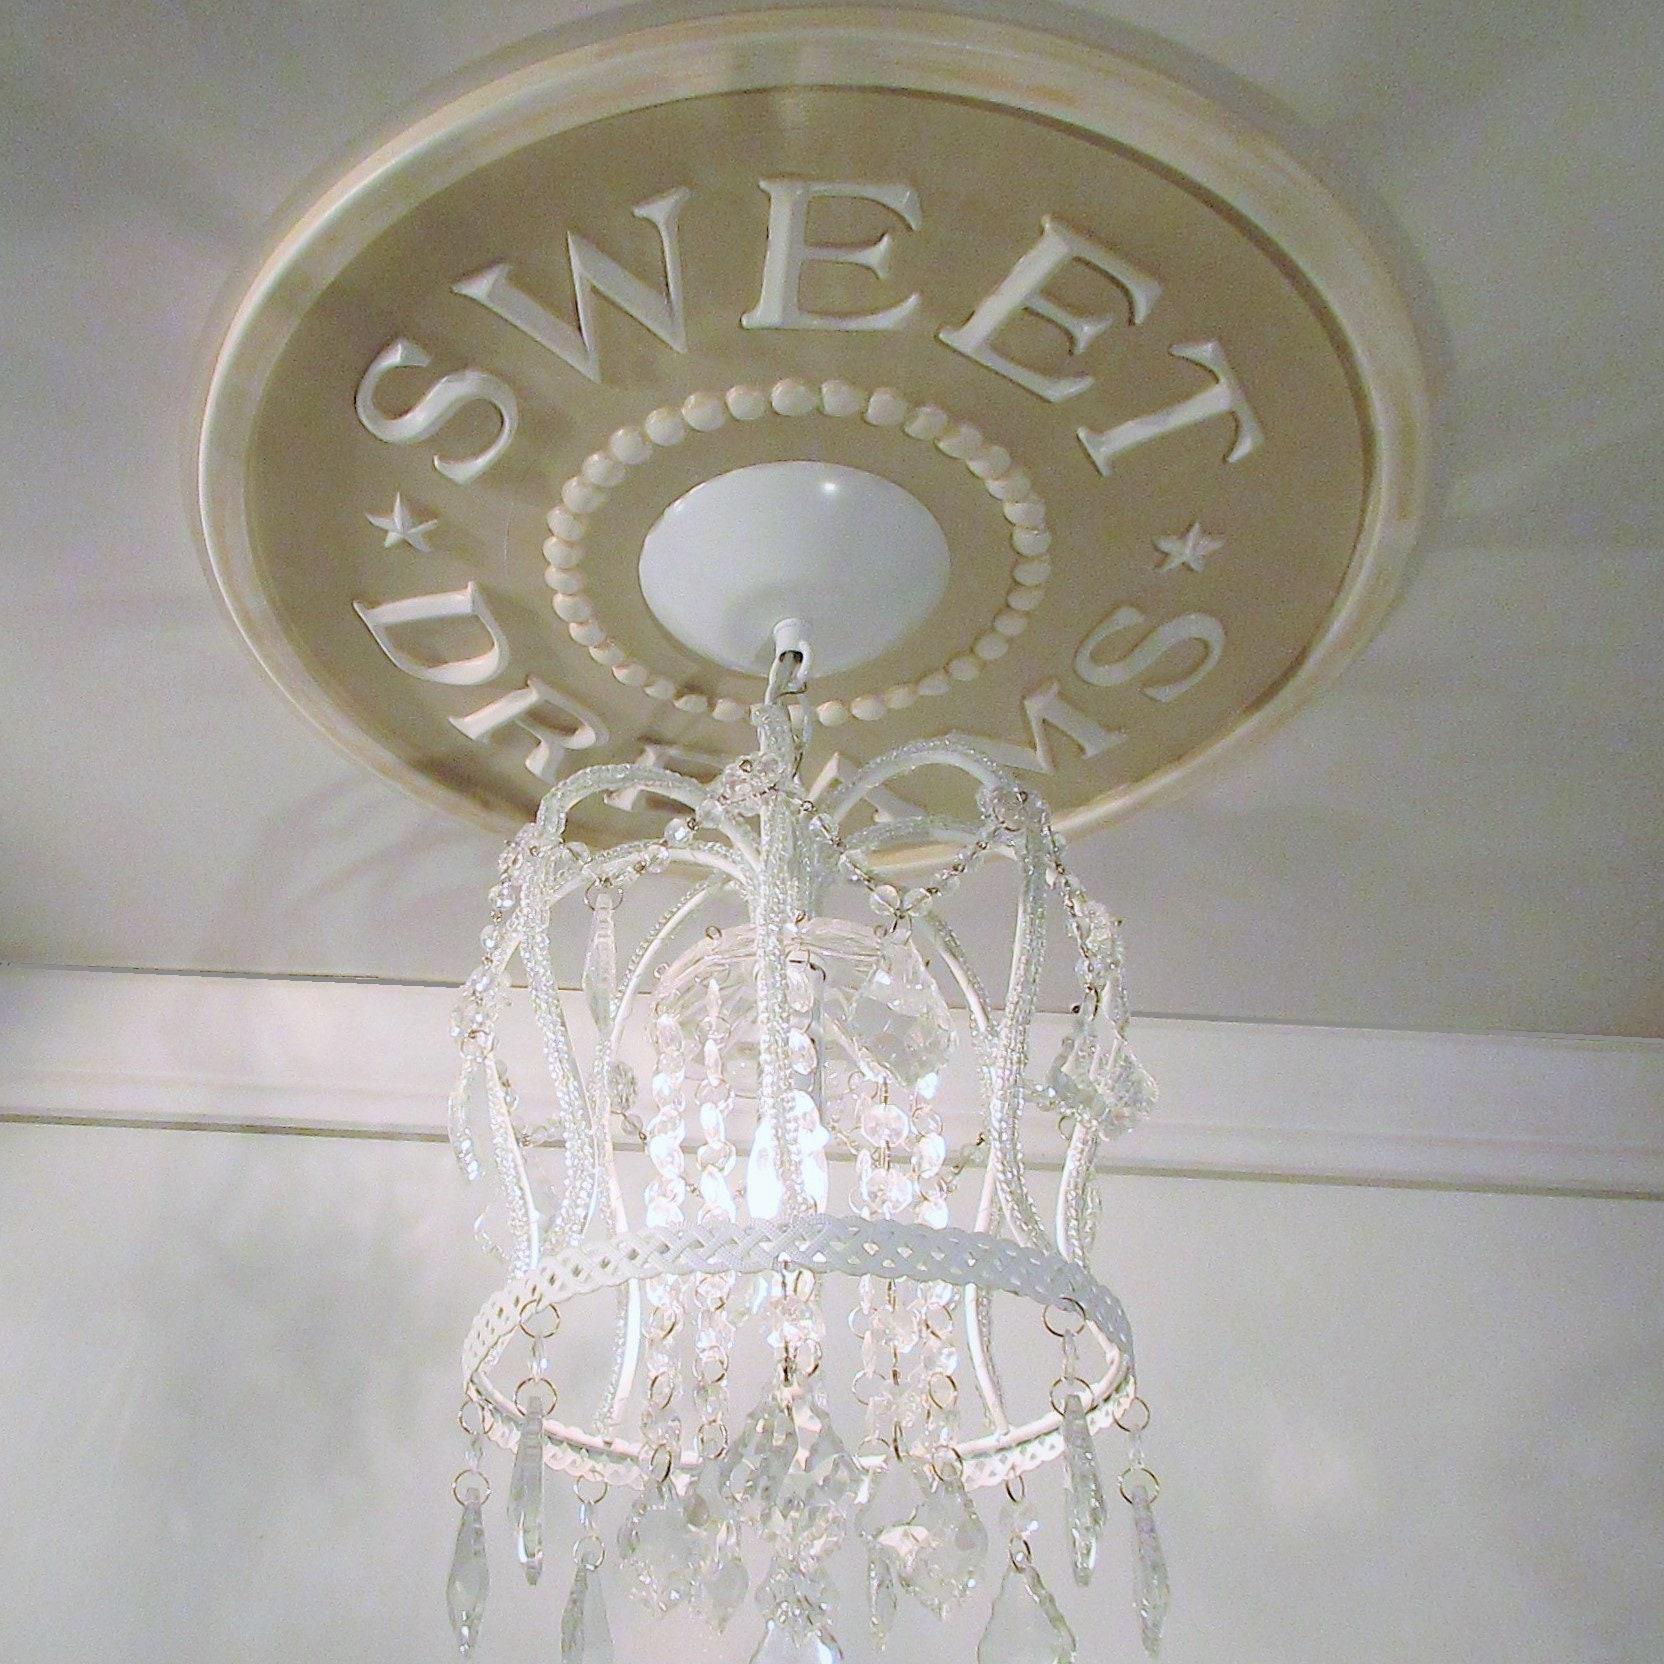 Medagliere del soffitto Ragazze Camera Decor Decor Rosa